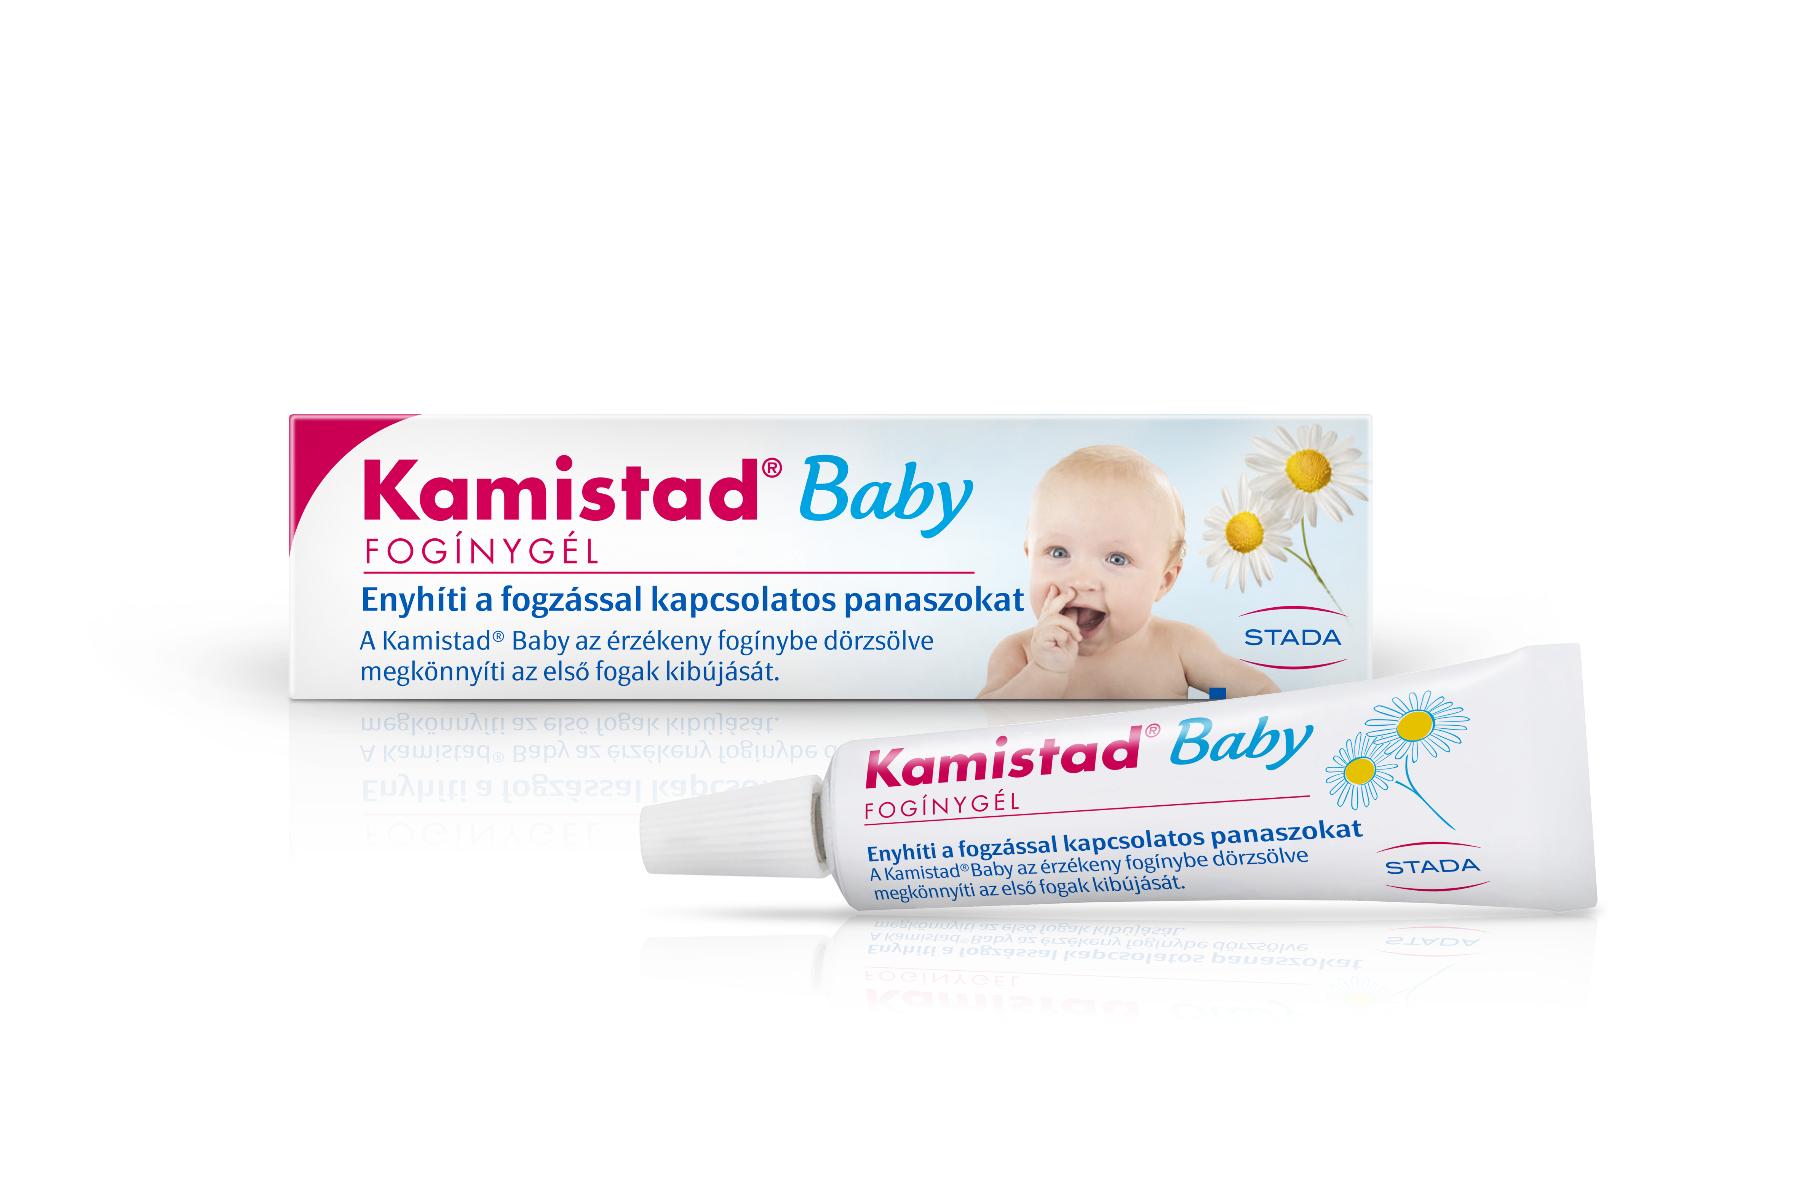 Kamistad Baby fogínygél 10ml